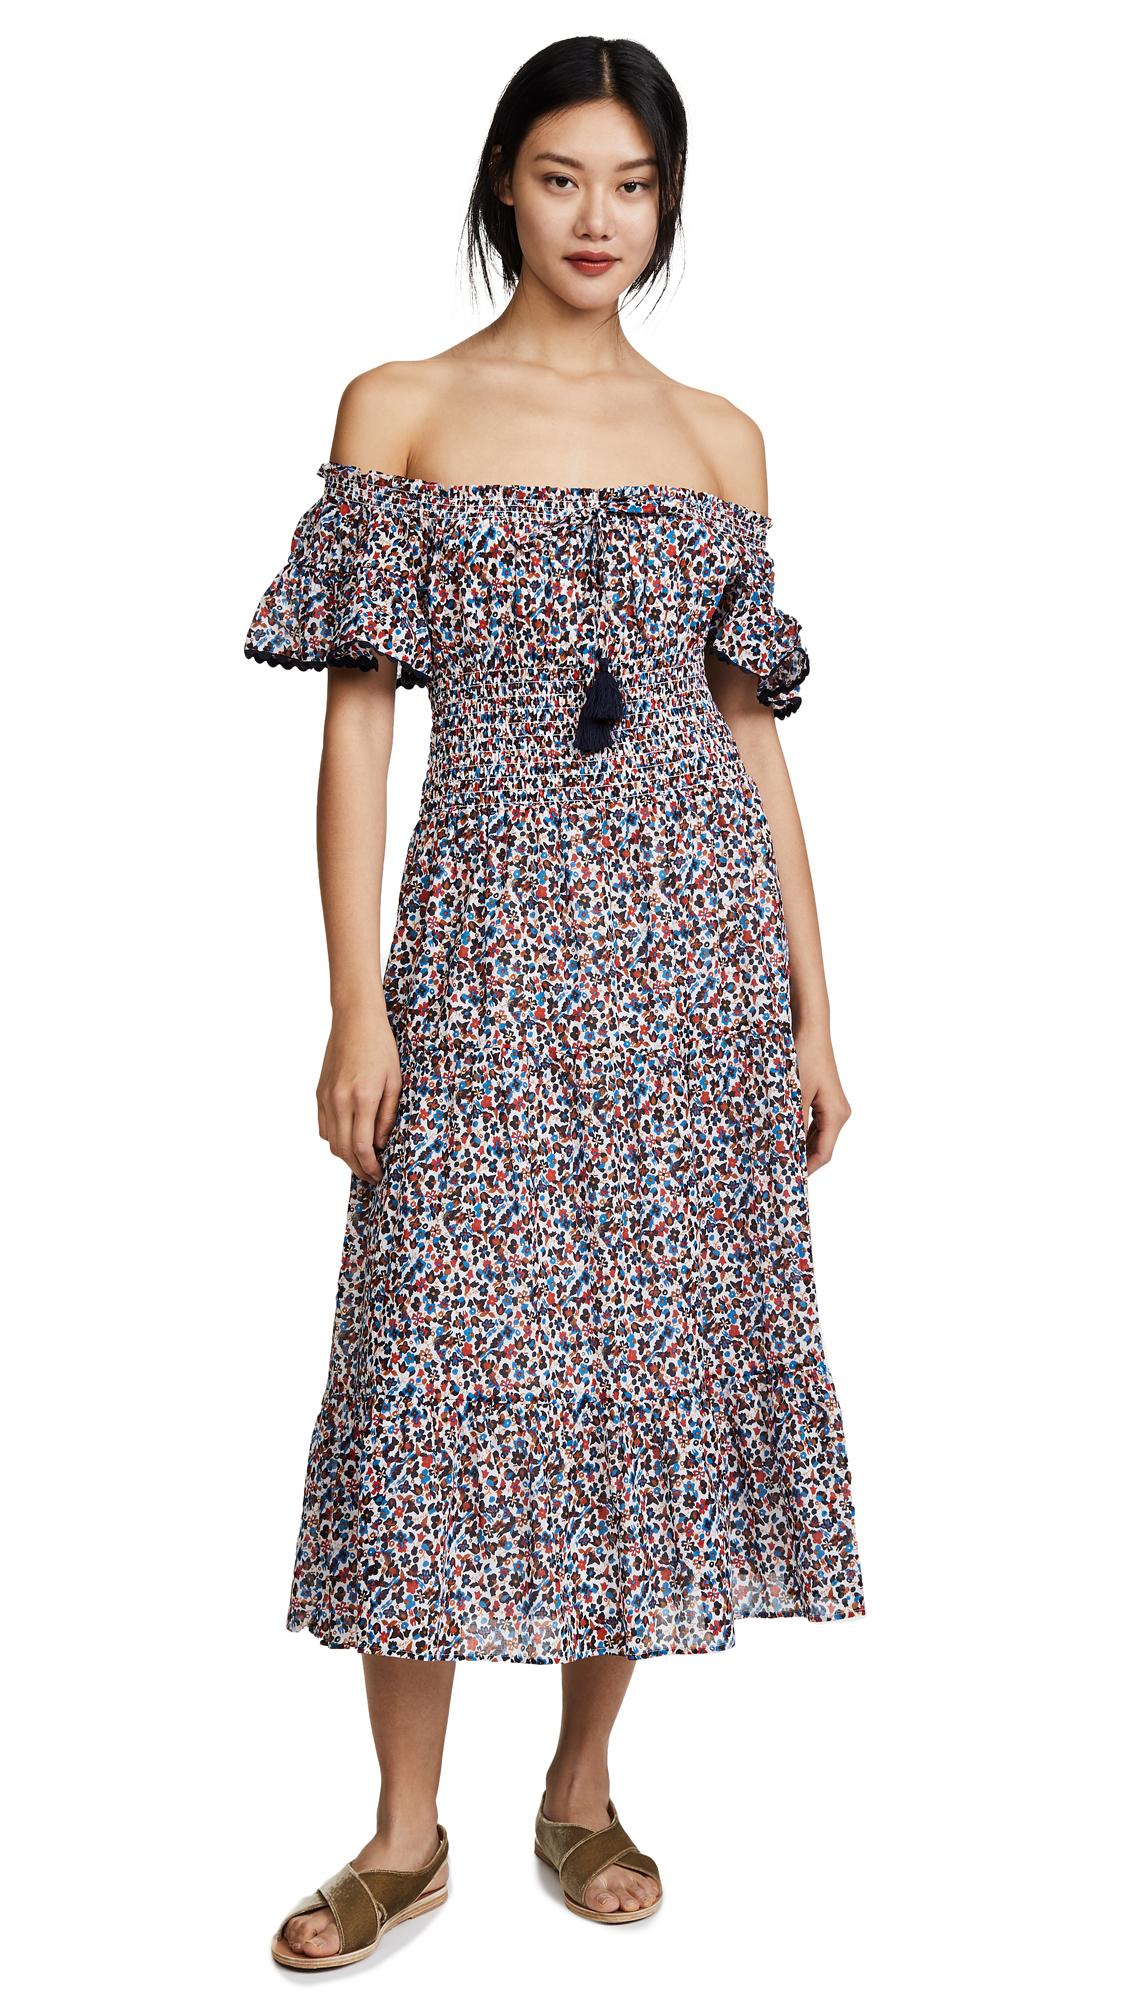 Tory Burch Wildflower Smocked Dress - Wildflower